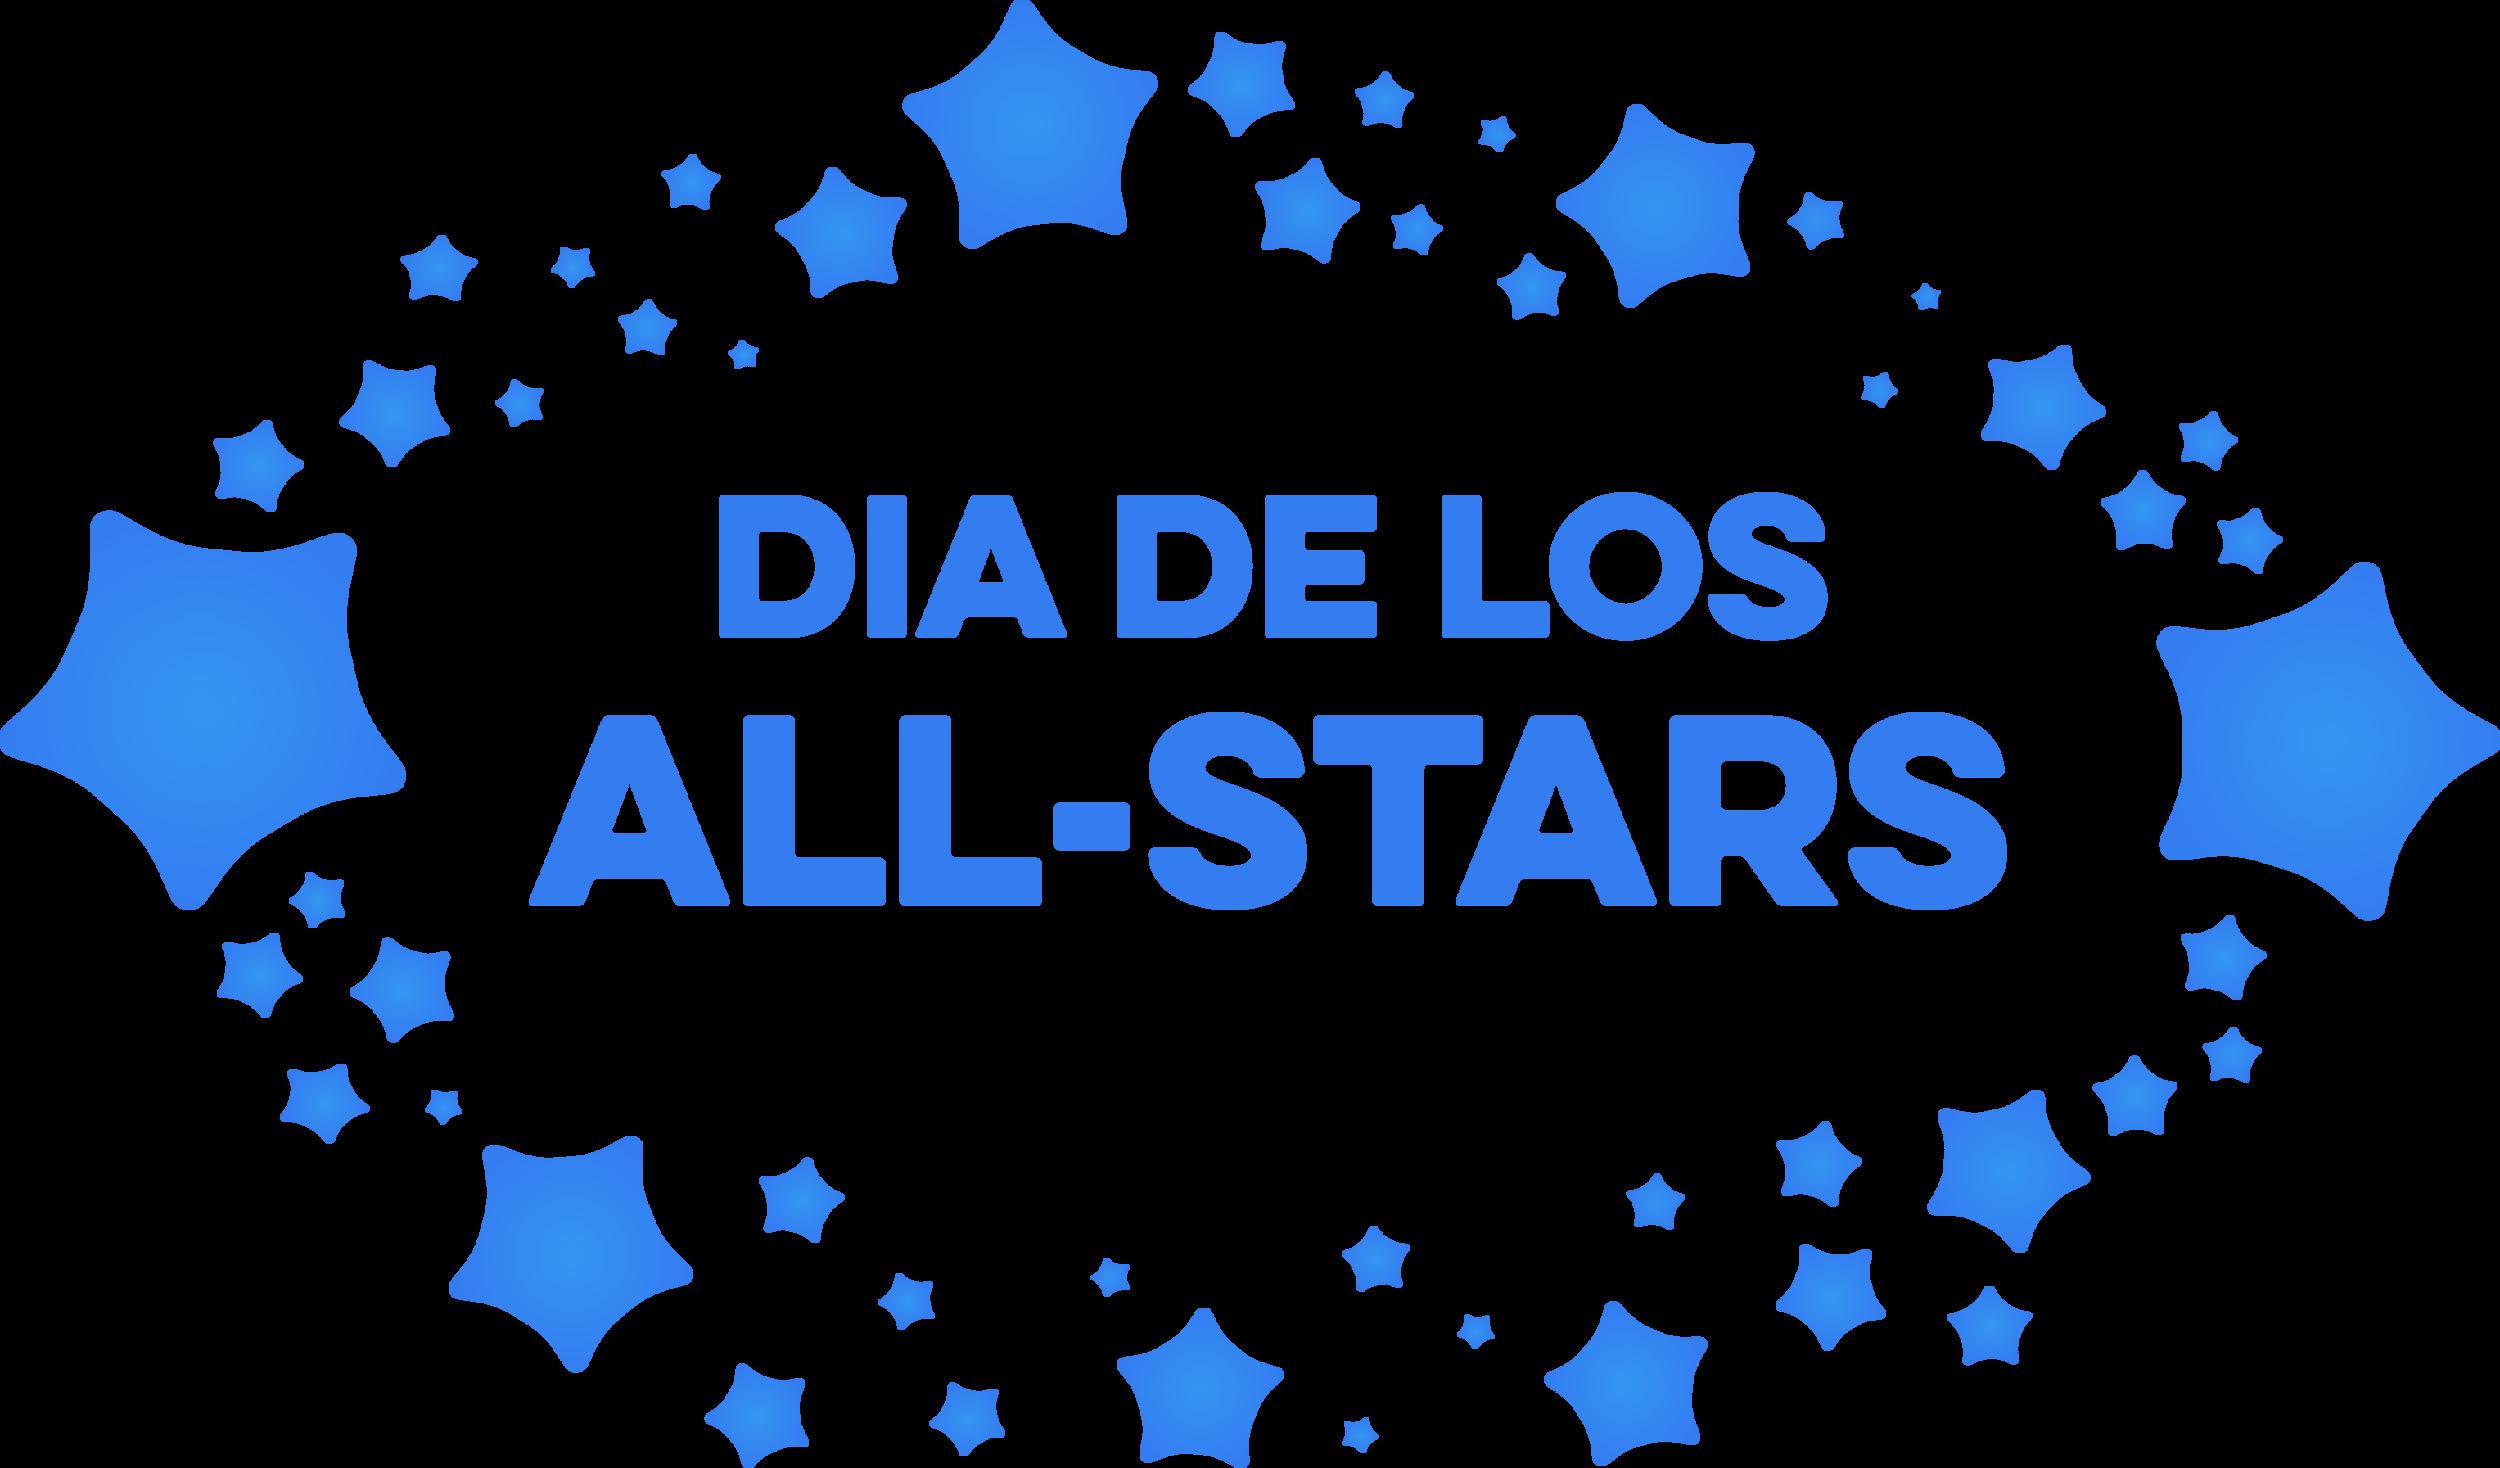 dia_allstars2.png